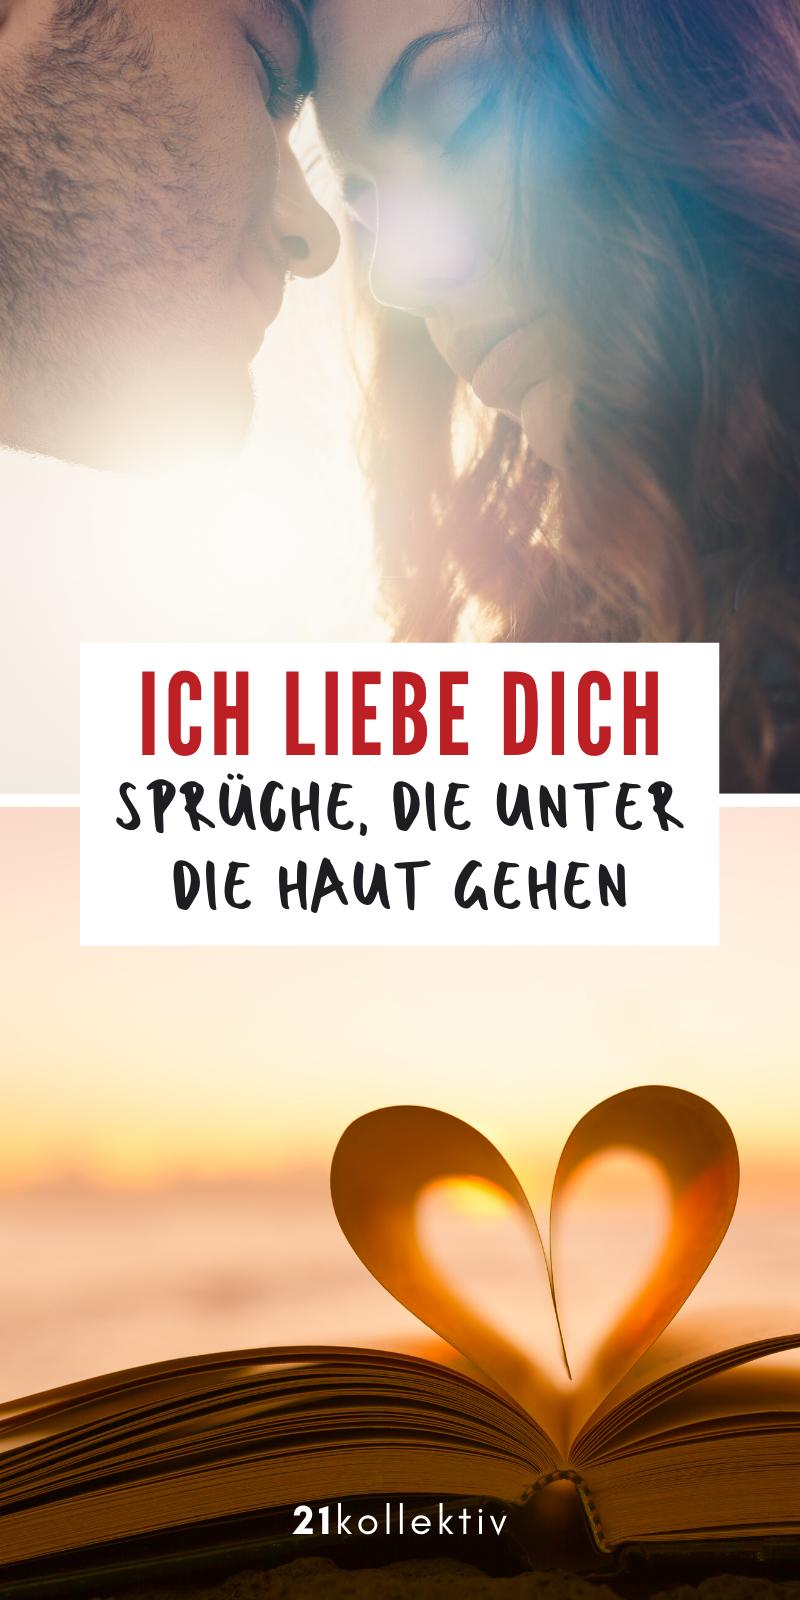 100 Liebesspruche Spruche Die Zu Herzen Gehen In 2020 Liebesspruche Liebe Spruch Spruche